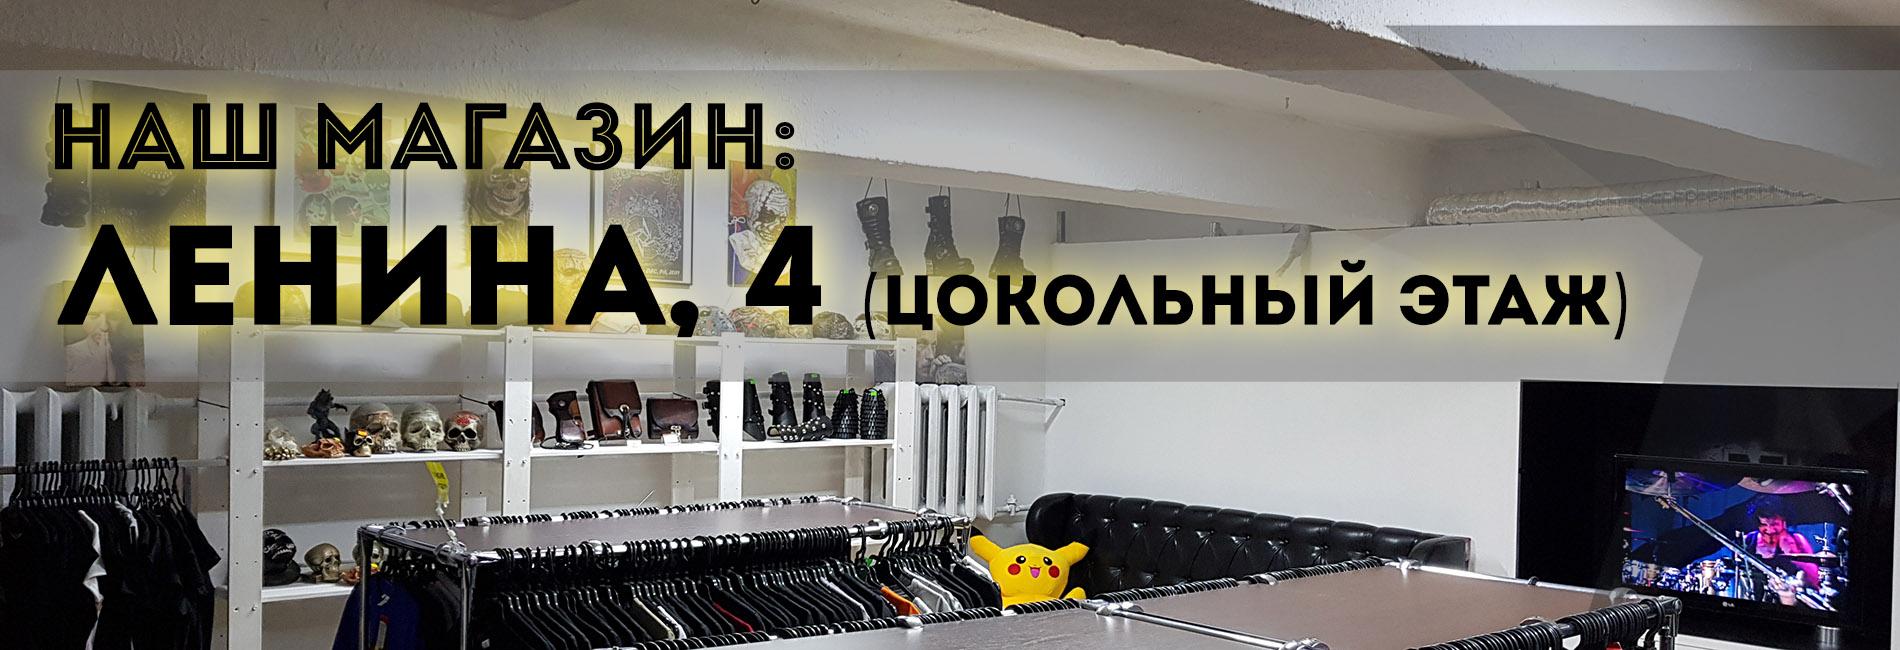 Магазин Бастион в Минске